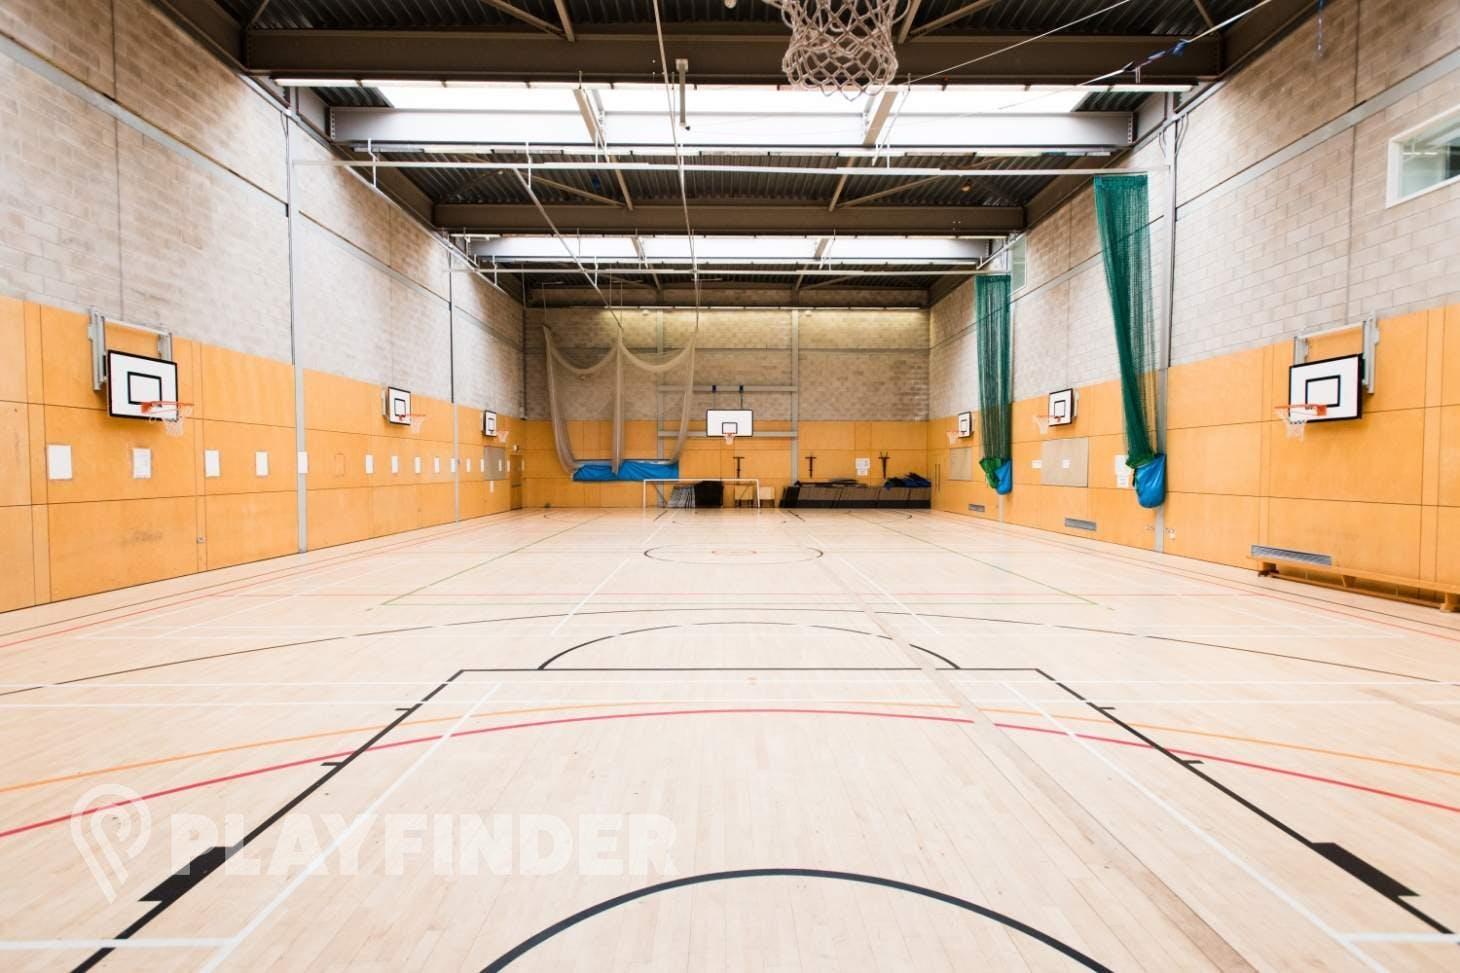 Haverstock School Indoor | Hard badminton court